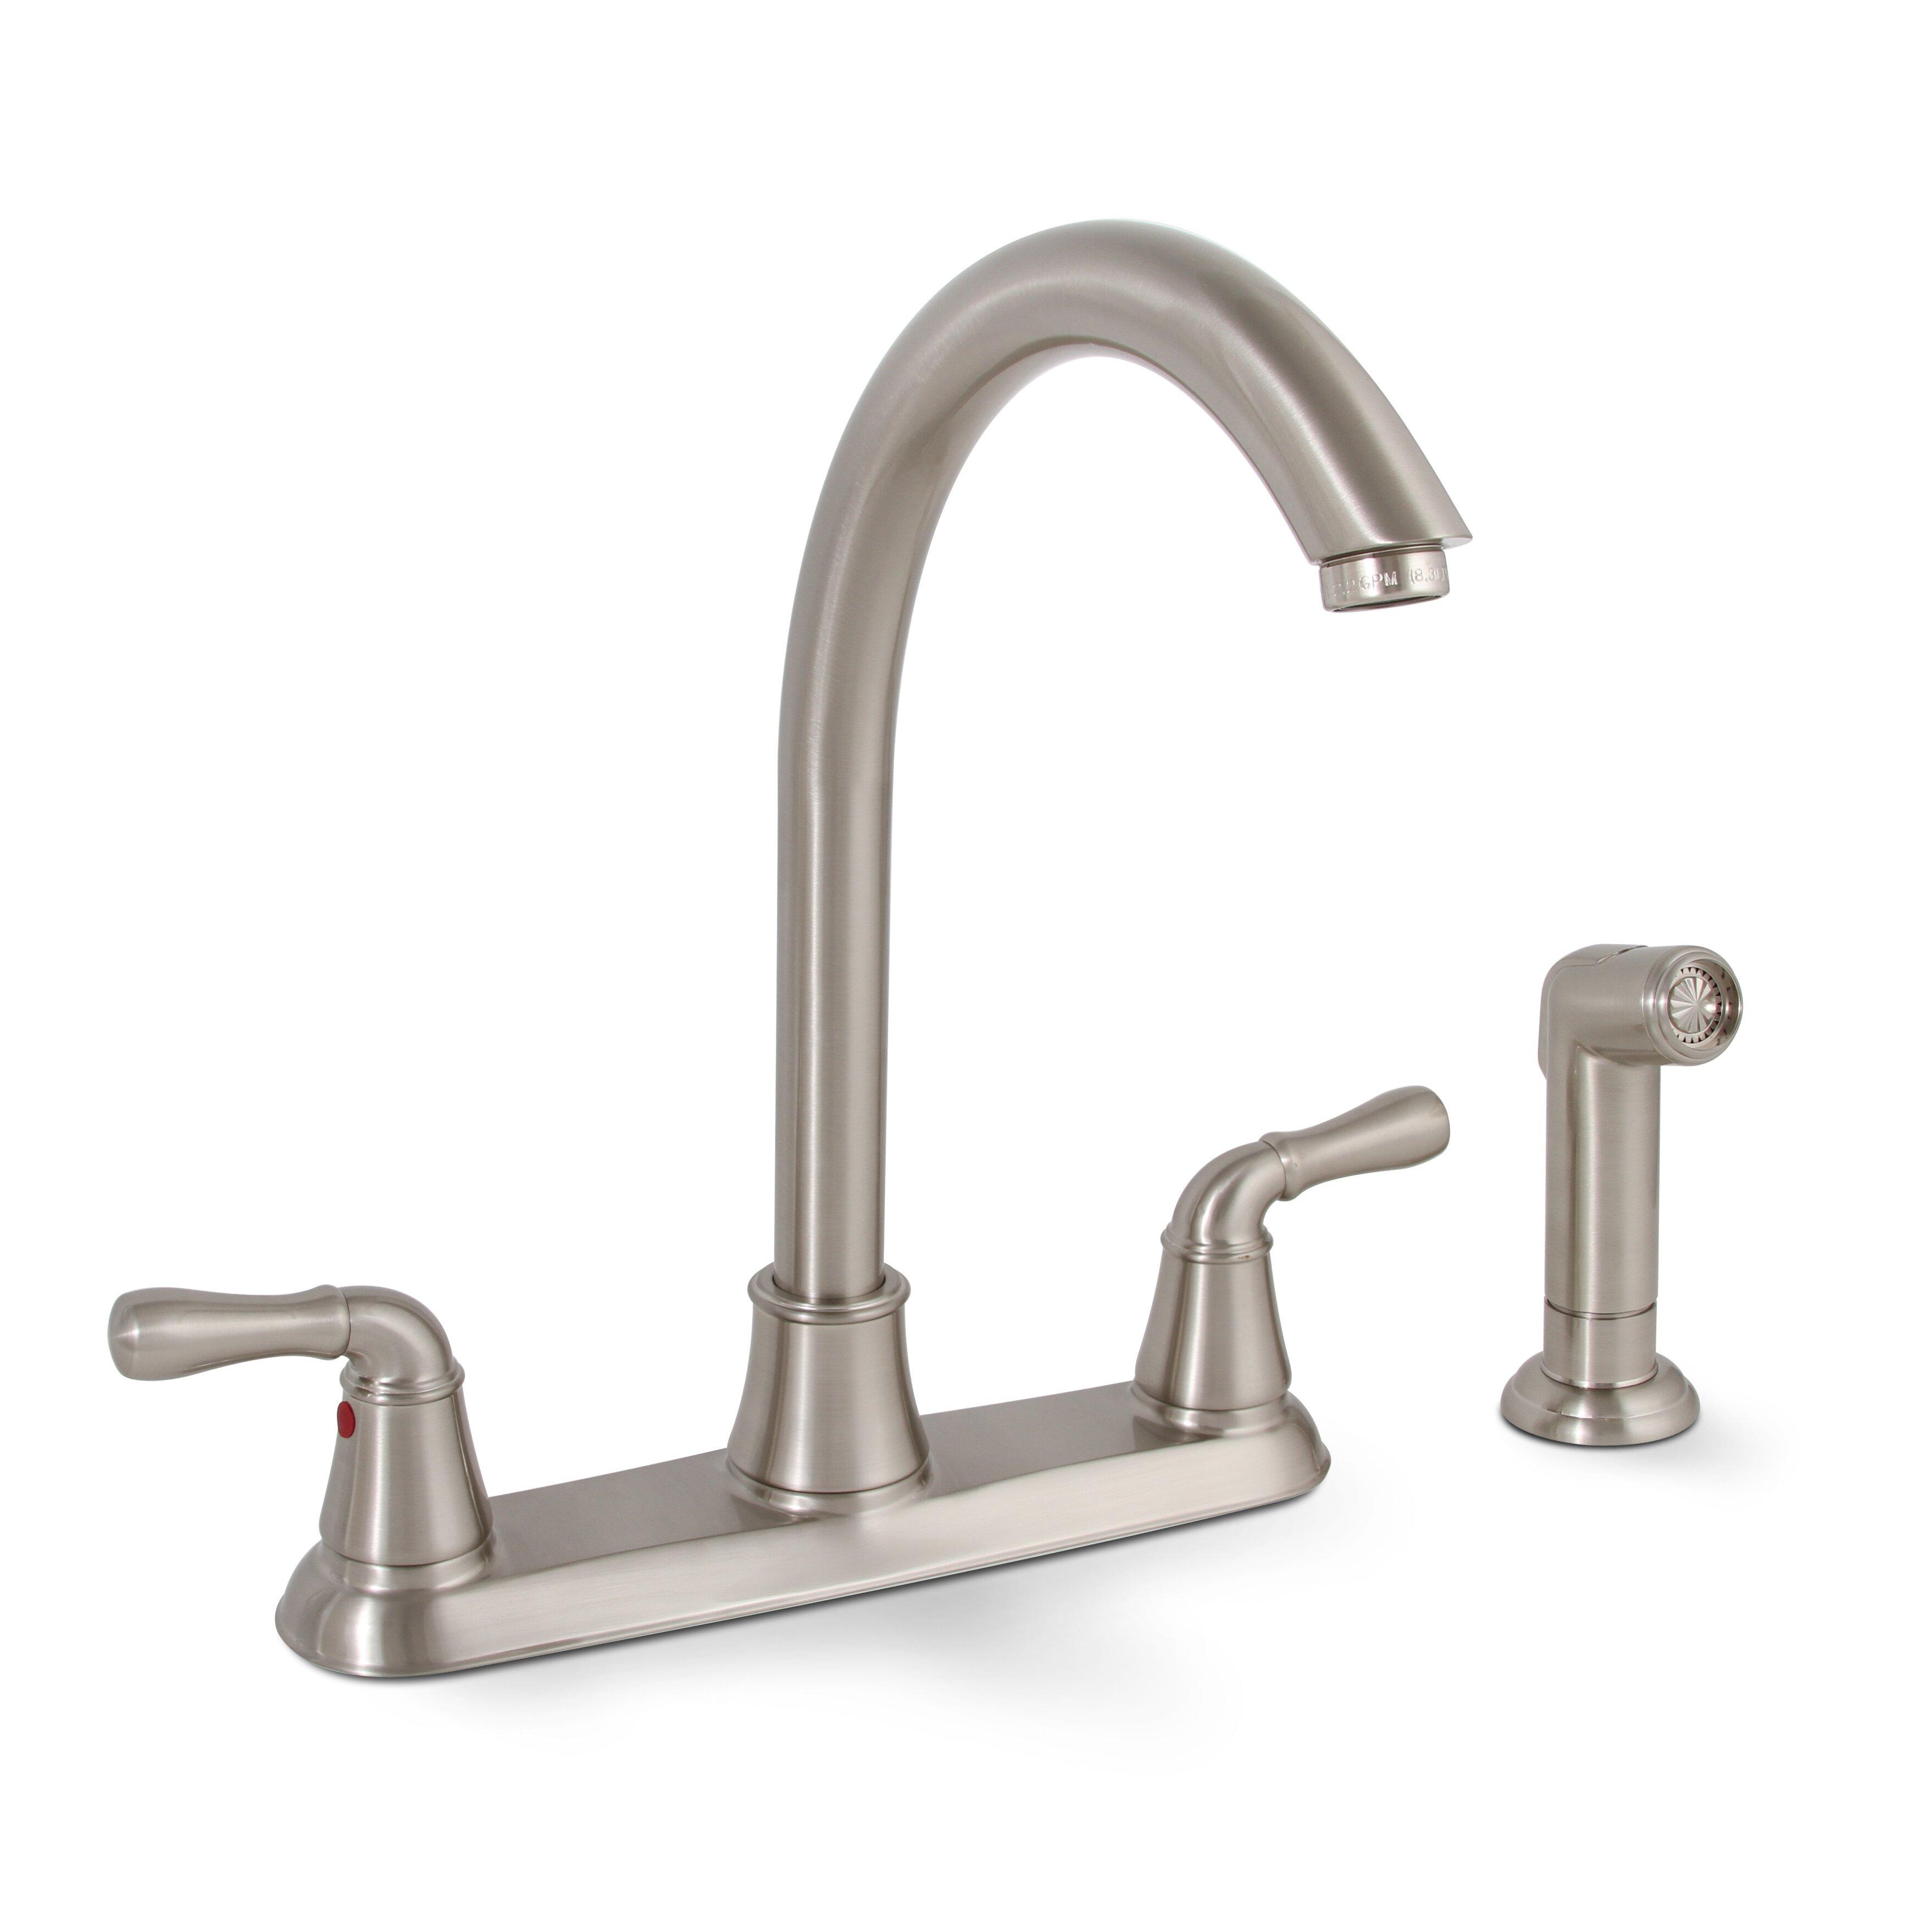 Premier Kitchen Faucet 120028lf Amf Brothers 28 Premier Kitchen Faucet Faucet Com 120025lf In